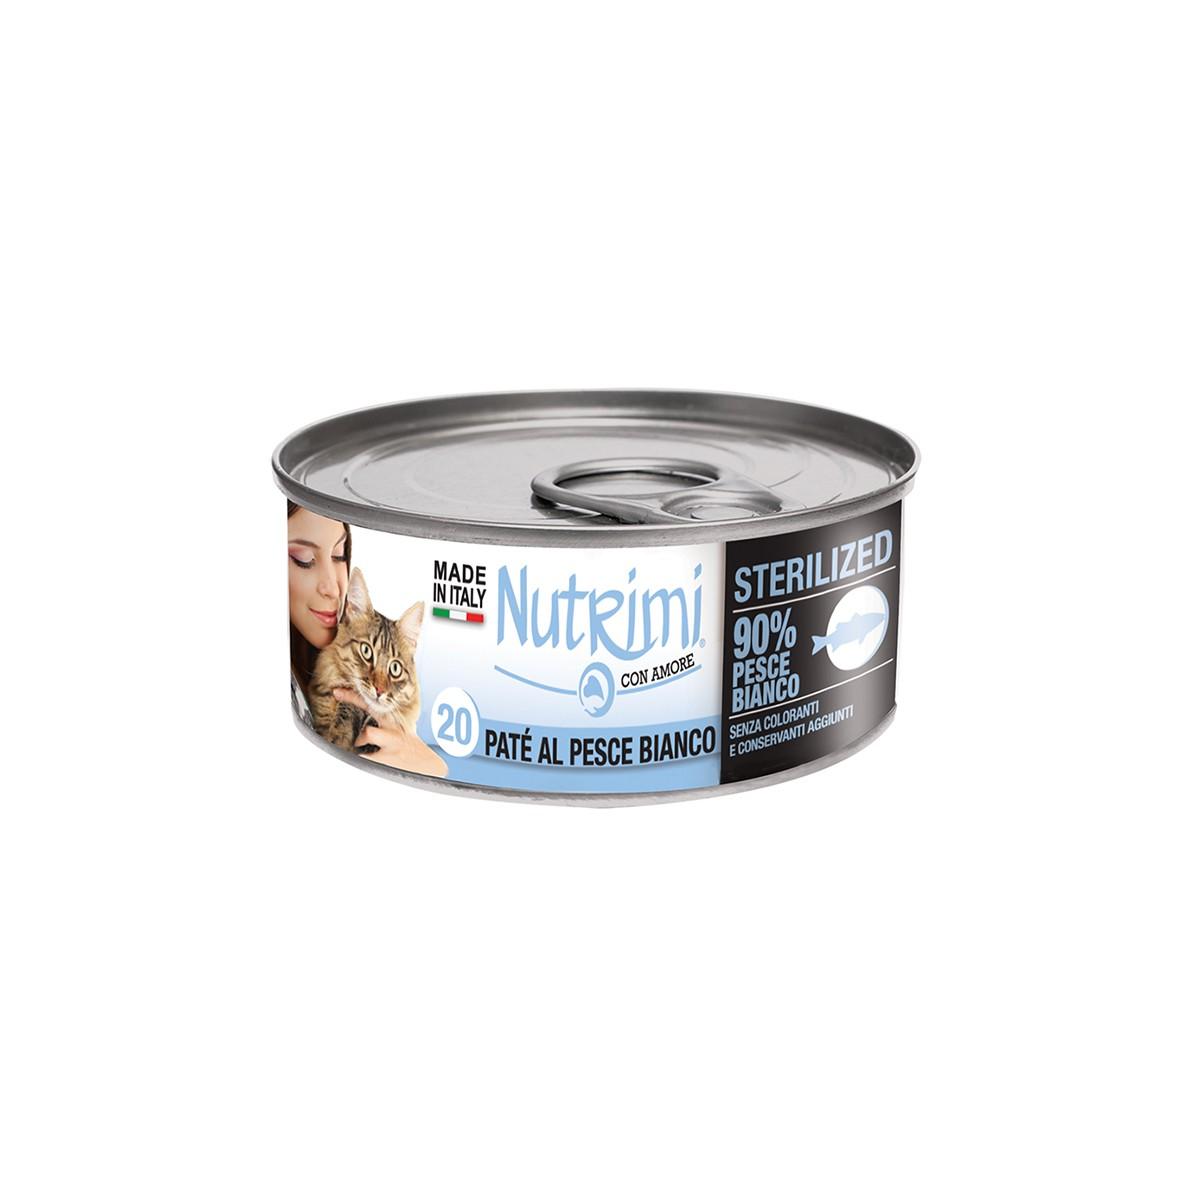 Nutrimi Pate' Sterilized Pesce